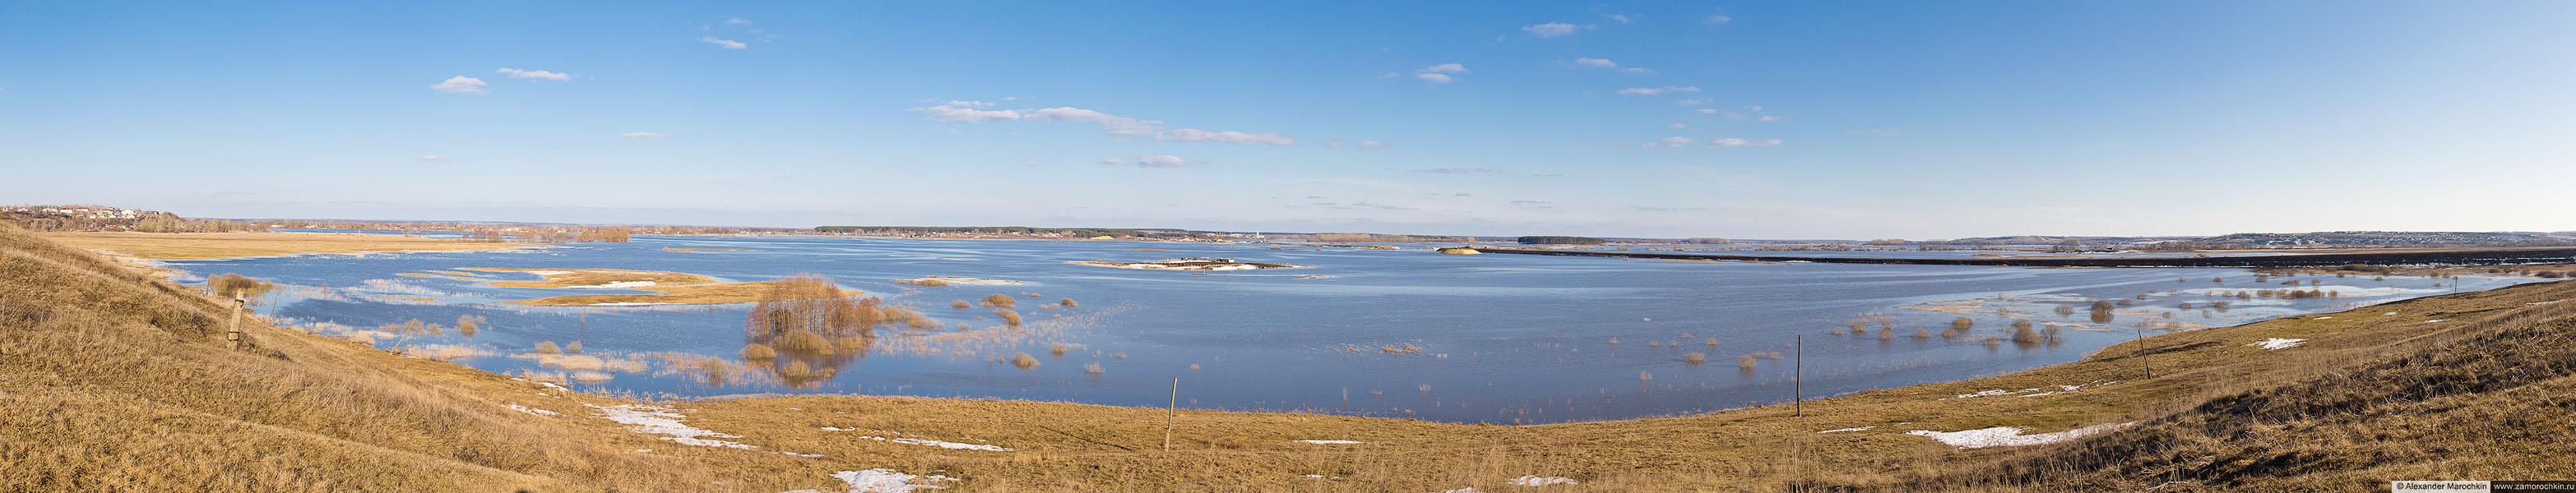 Панорама половодья на Мокше близ Краснослободска